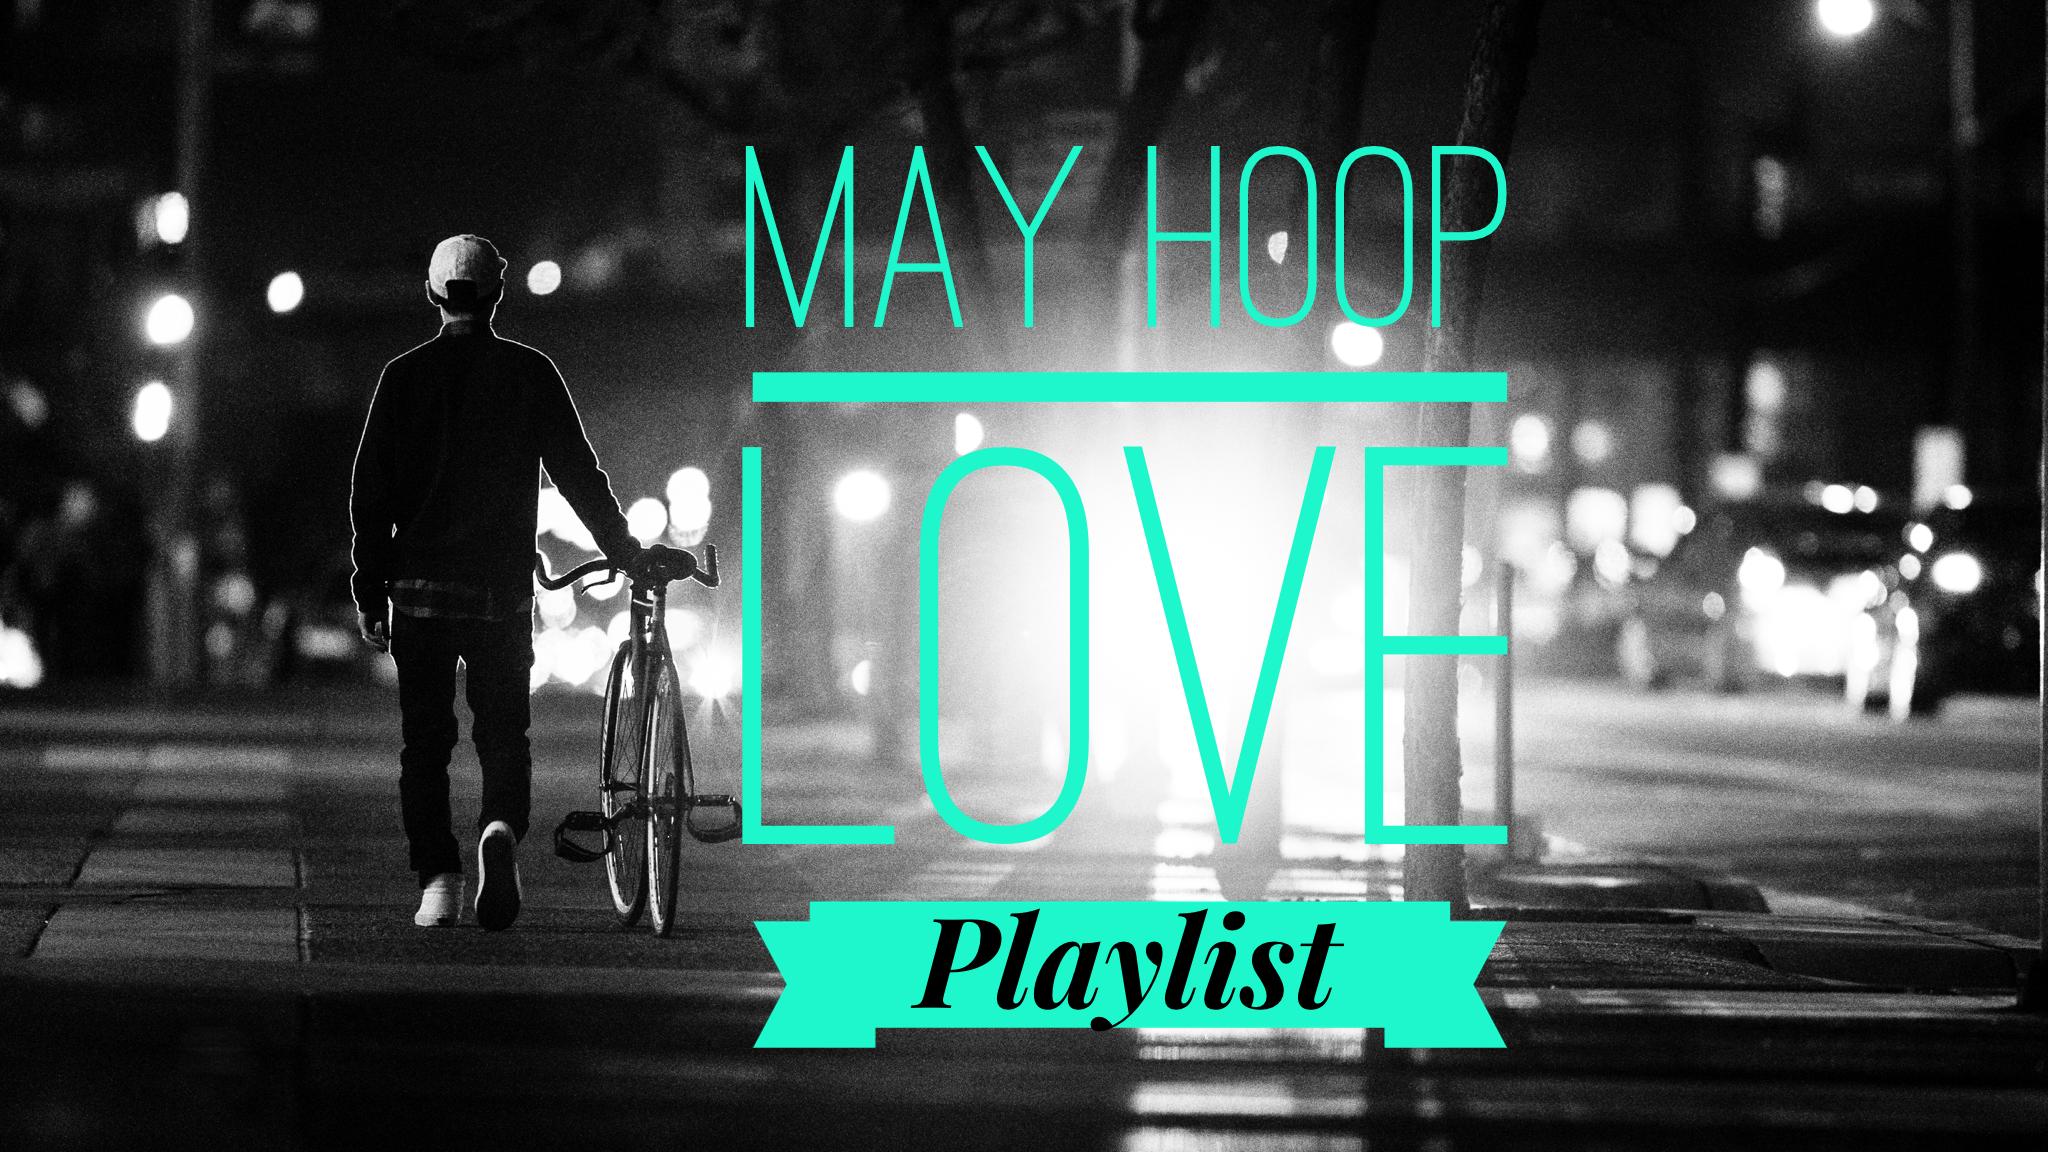 May Hoop Love Playlist. Hoopdance Songs